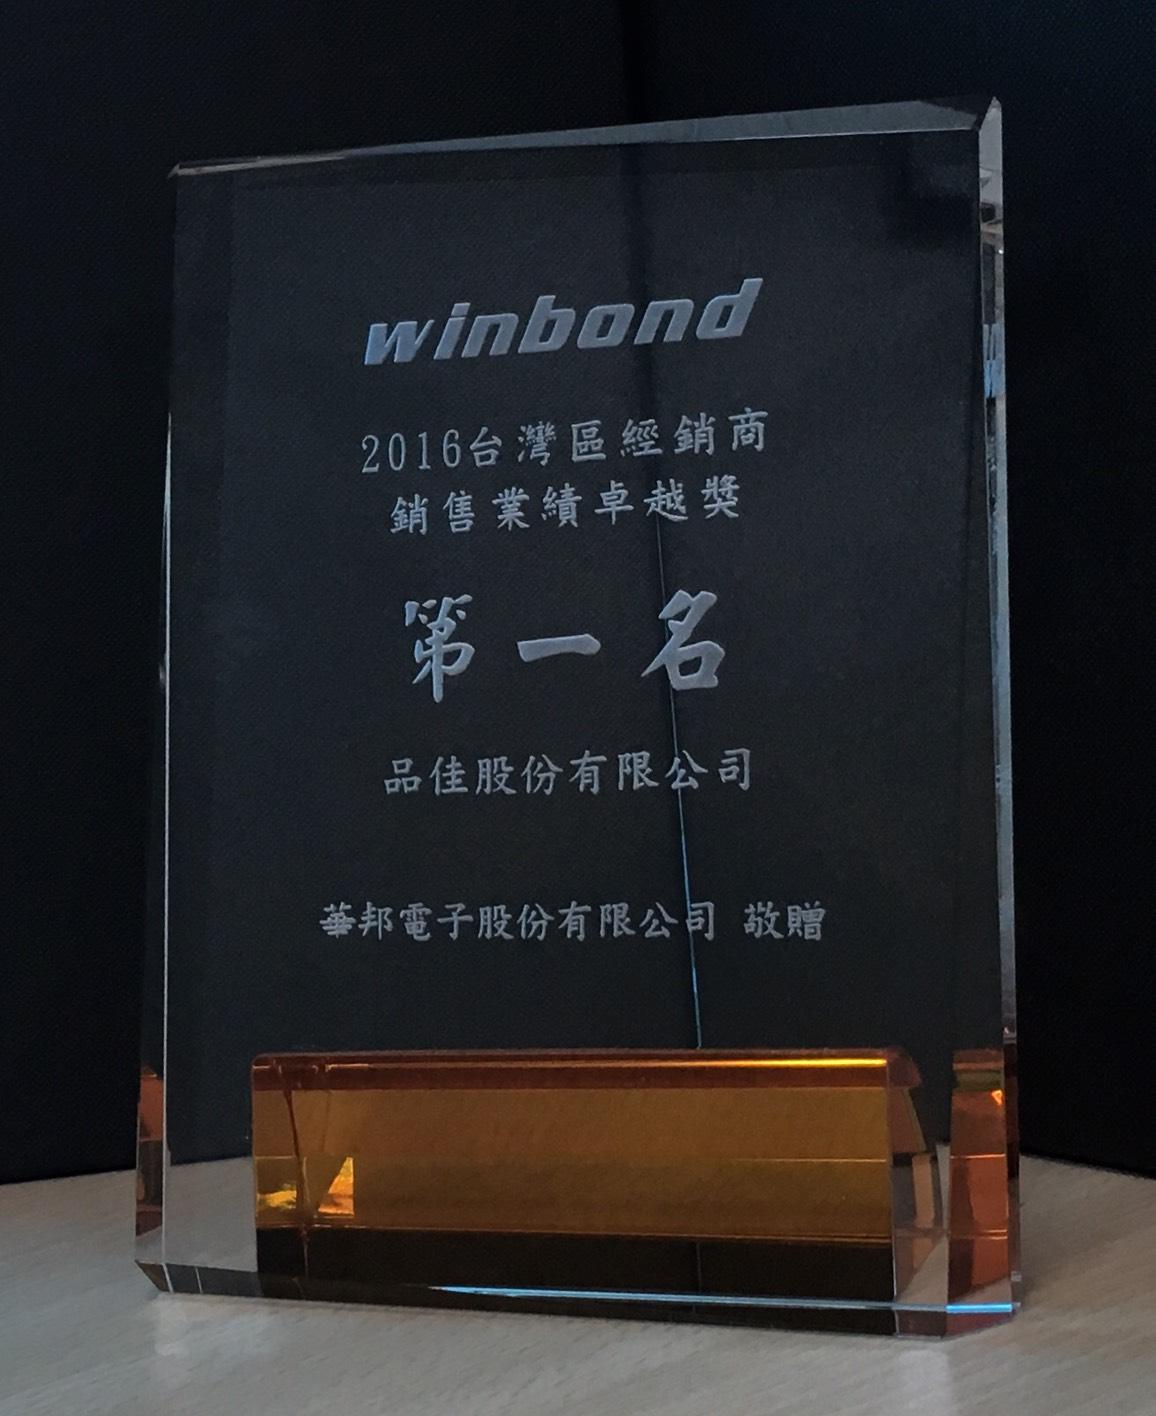 2016台灣區經銷商銷售業績卓越獎 第一名